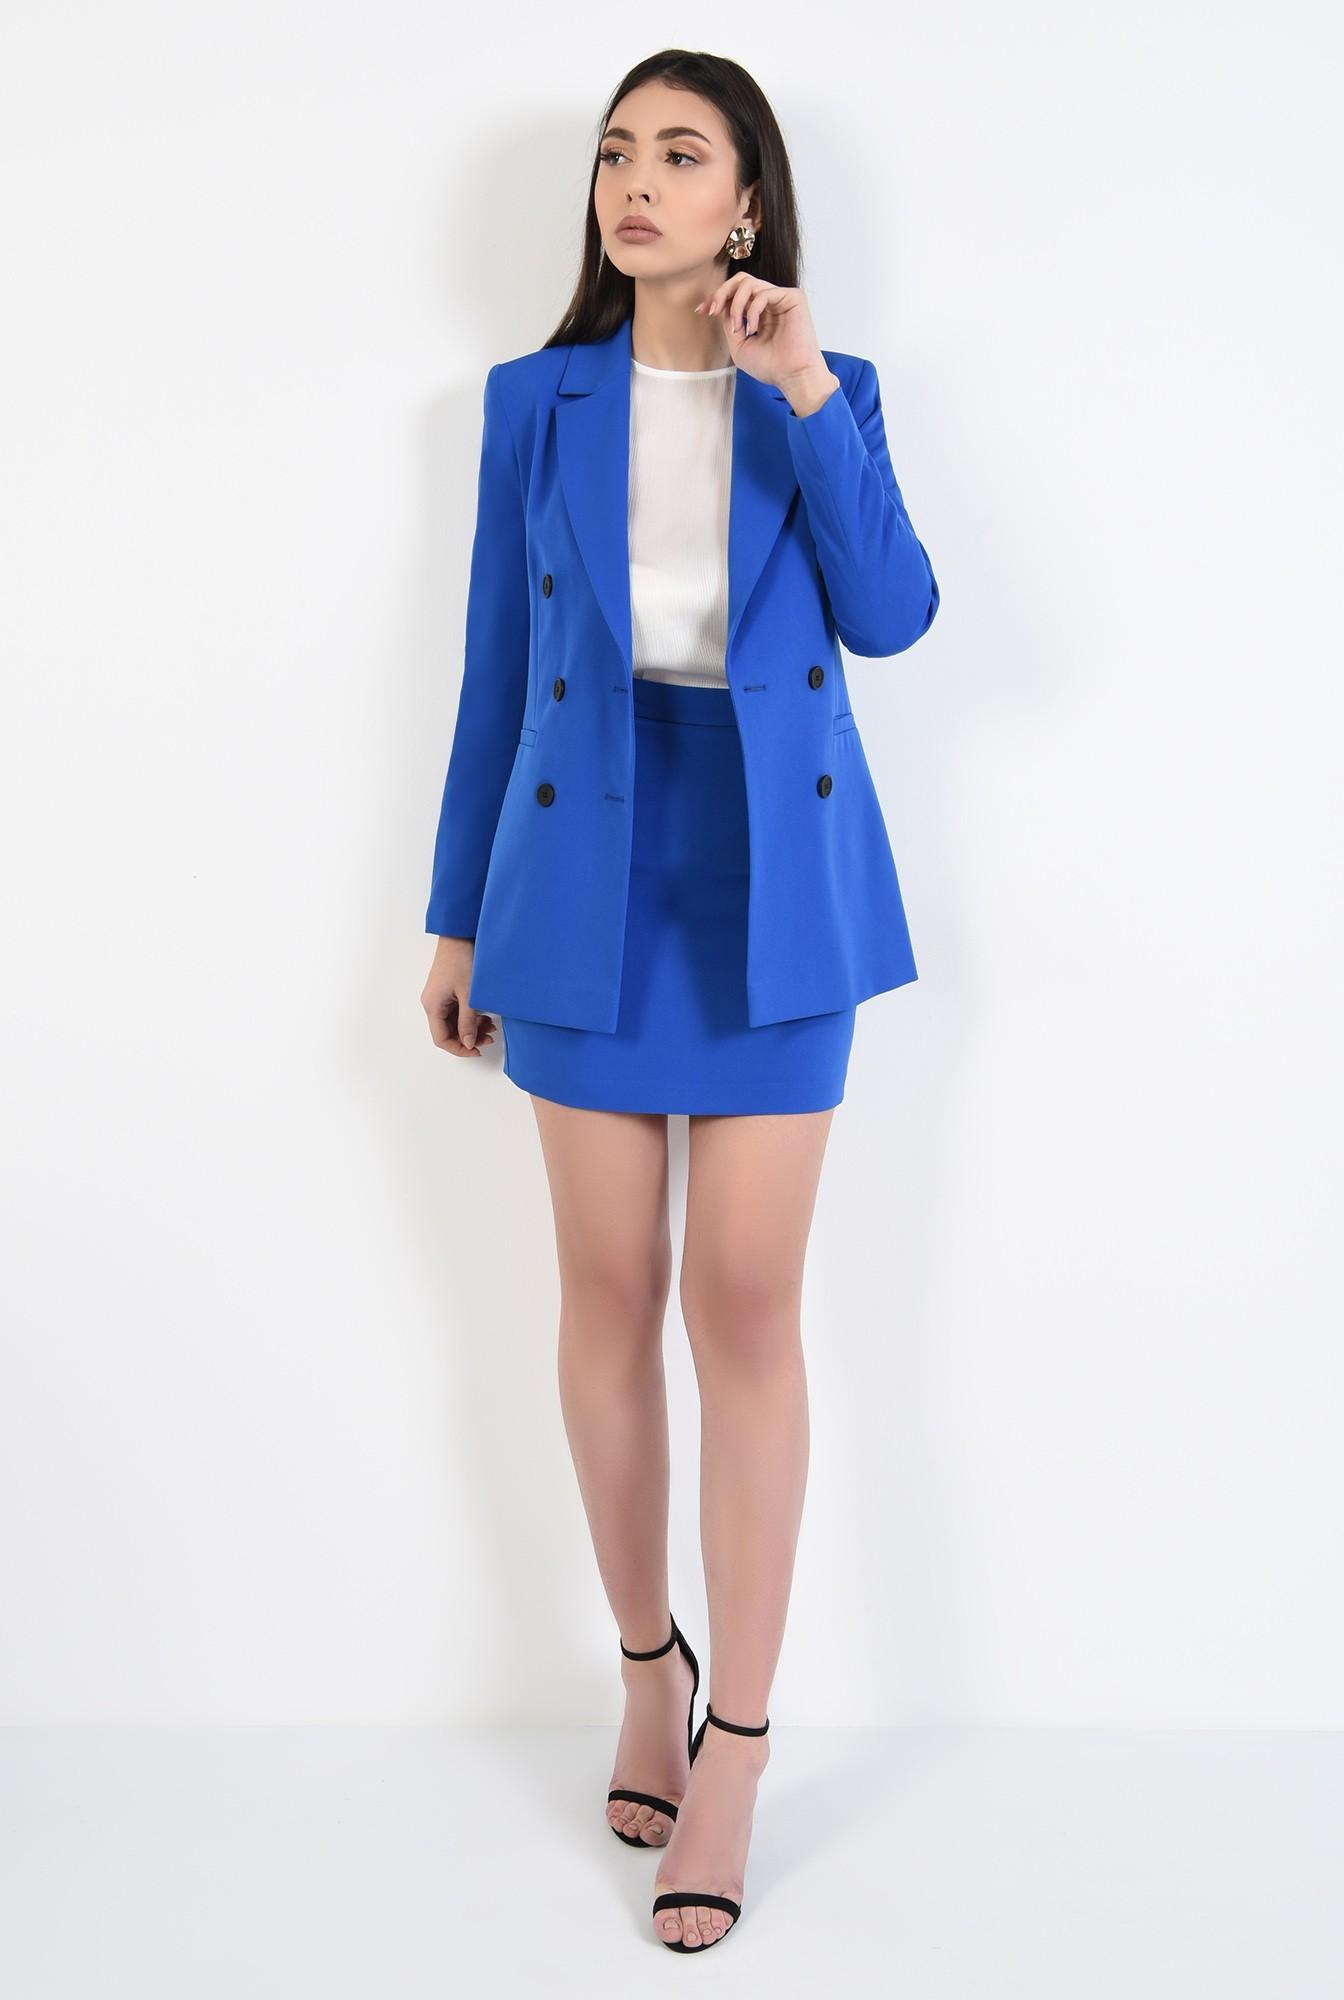 2 - fusta de zi, talie cu betelie, lungime mini, fuste online